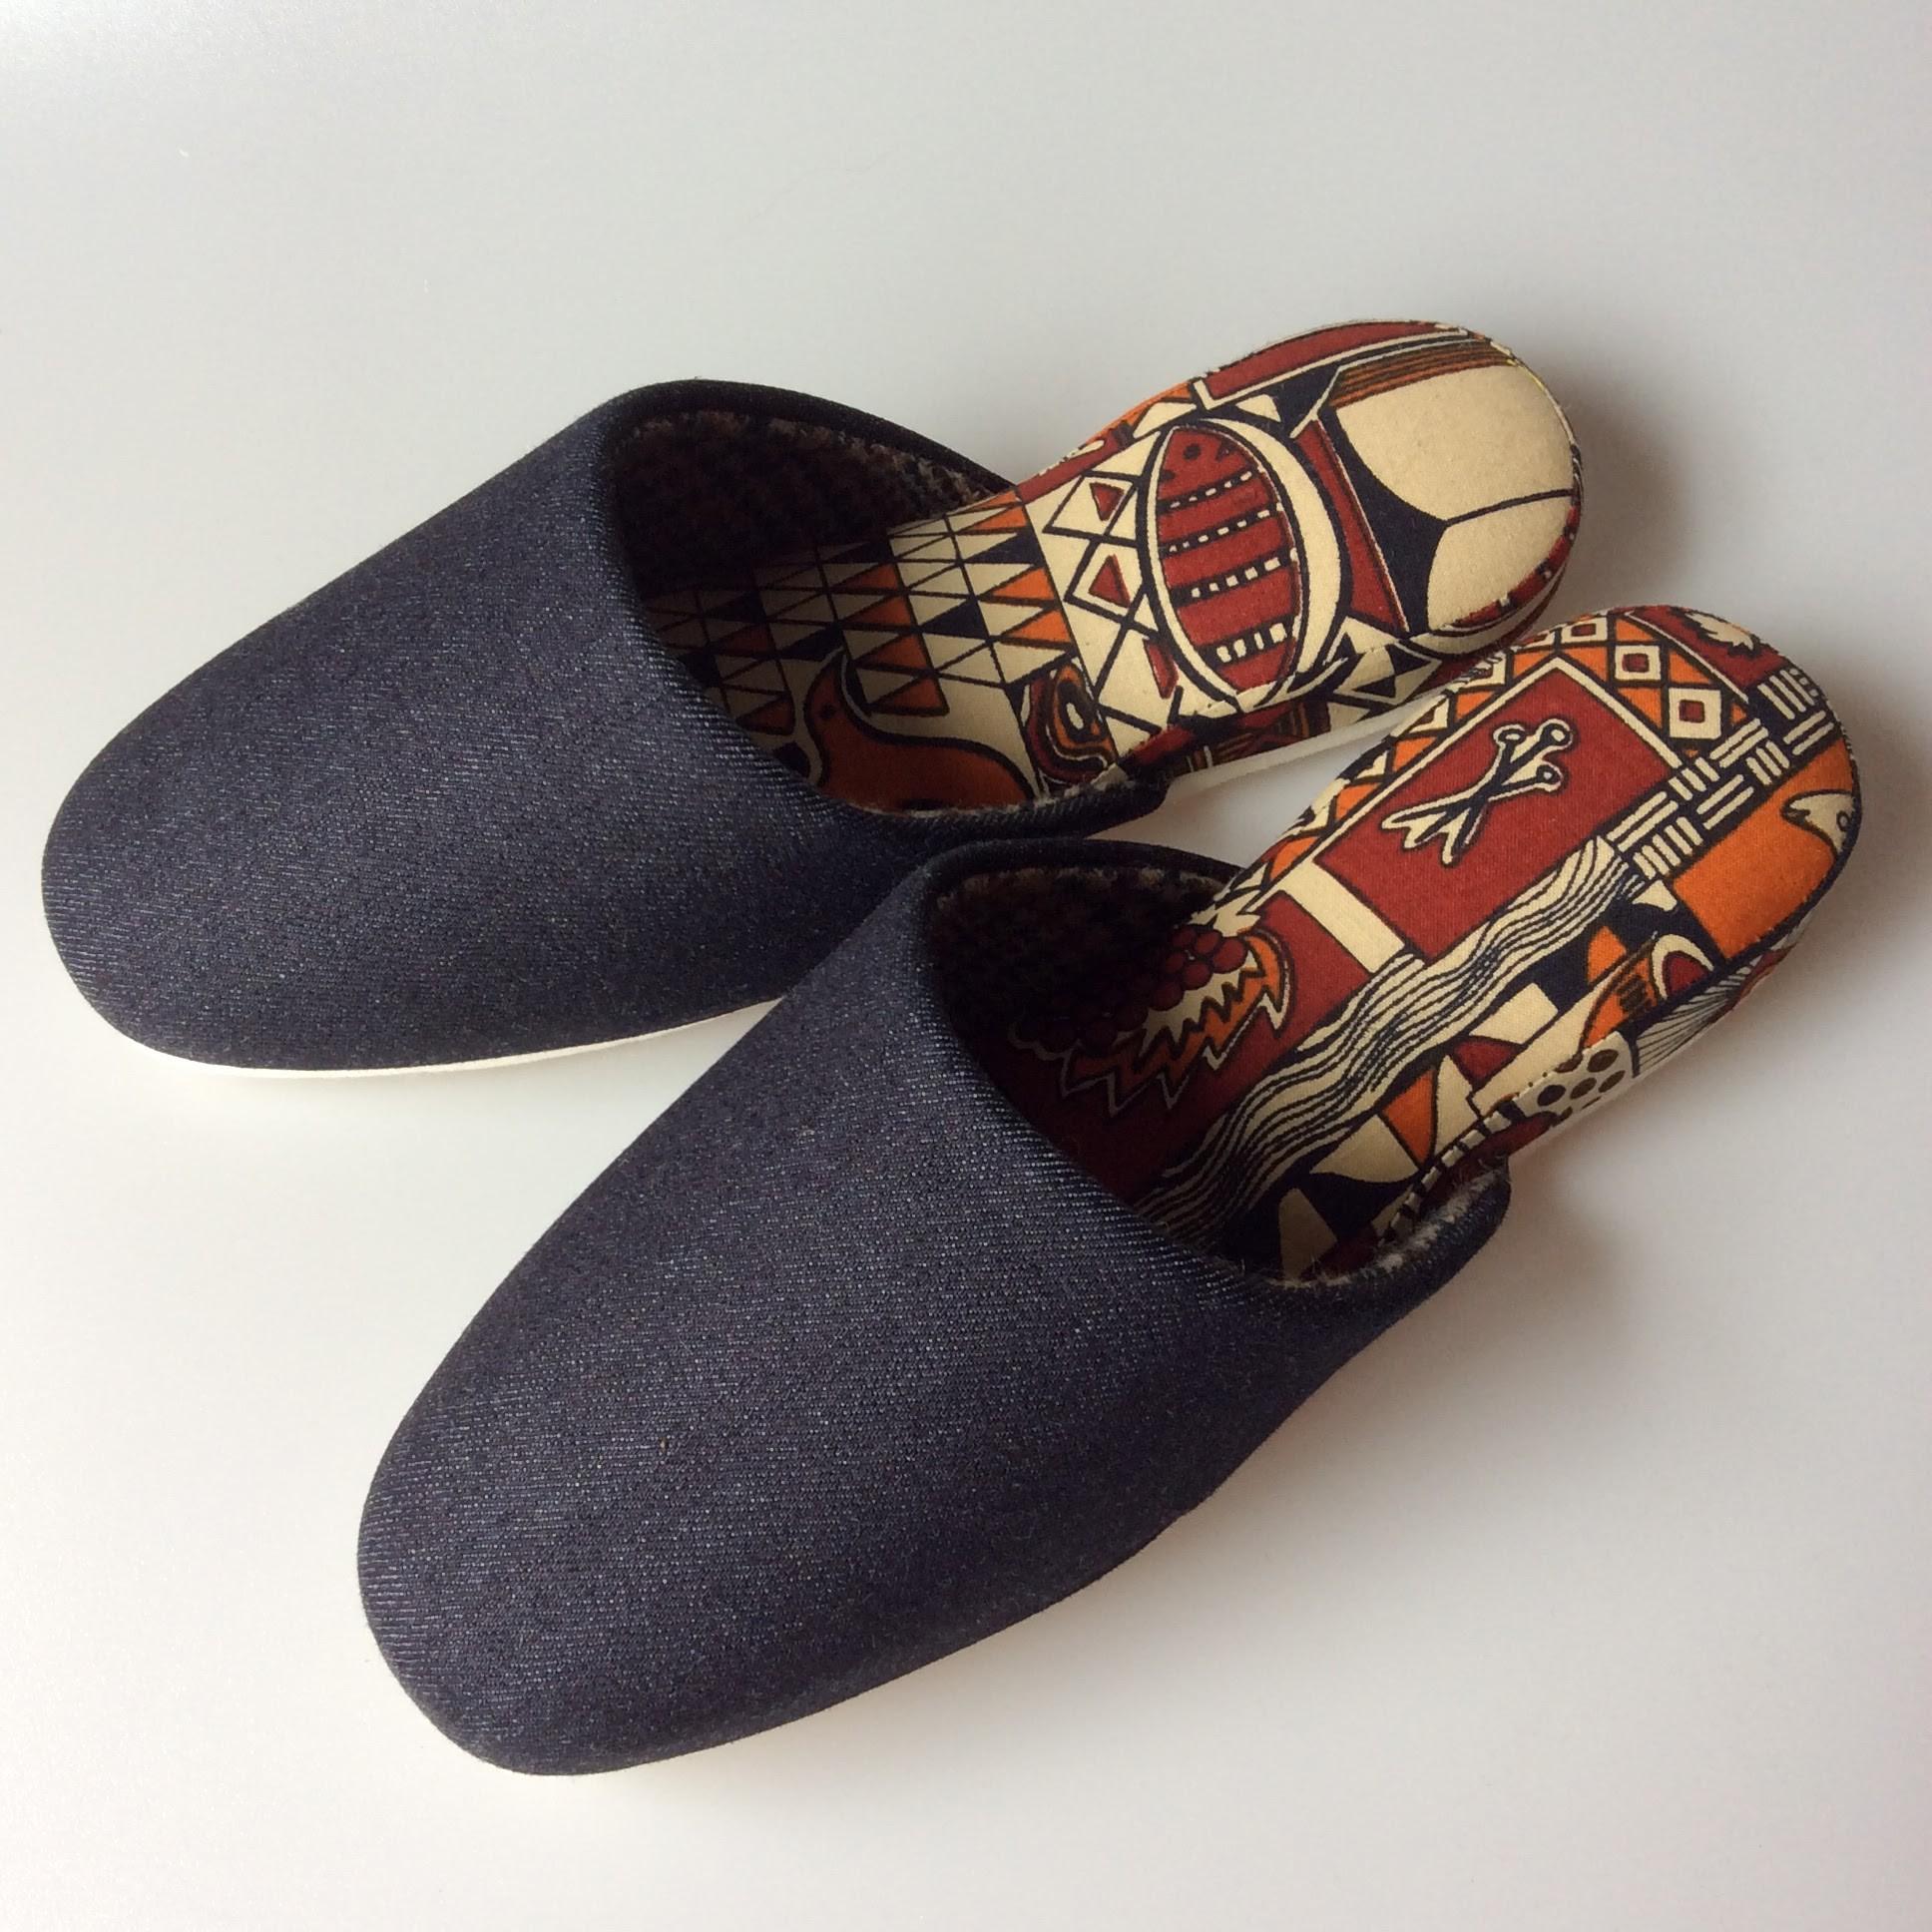 日本製の平和スリッパ 広島産の生デニムを贅沢に使用